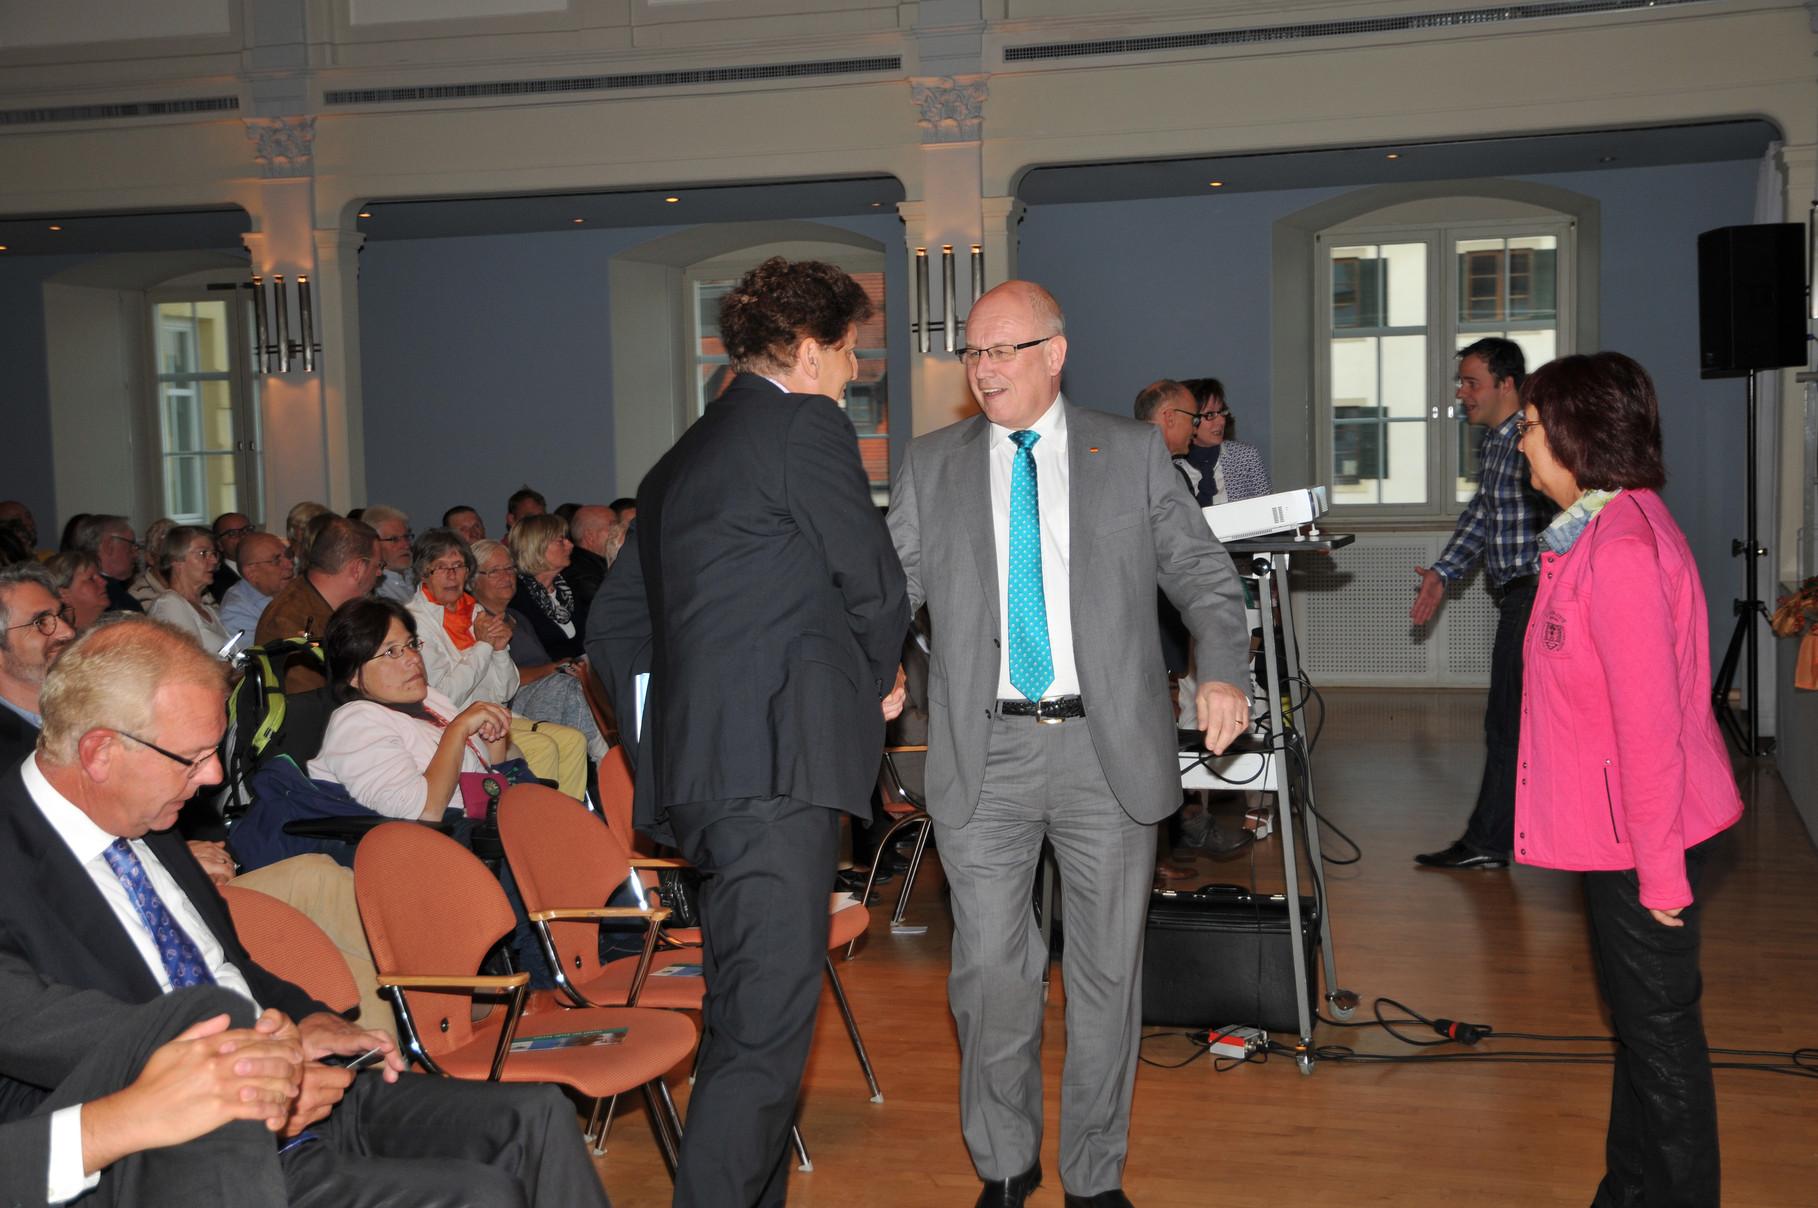 Begrüßung von Volker Kauder im Kornhaus in Kempten